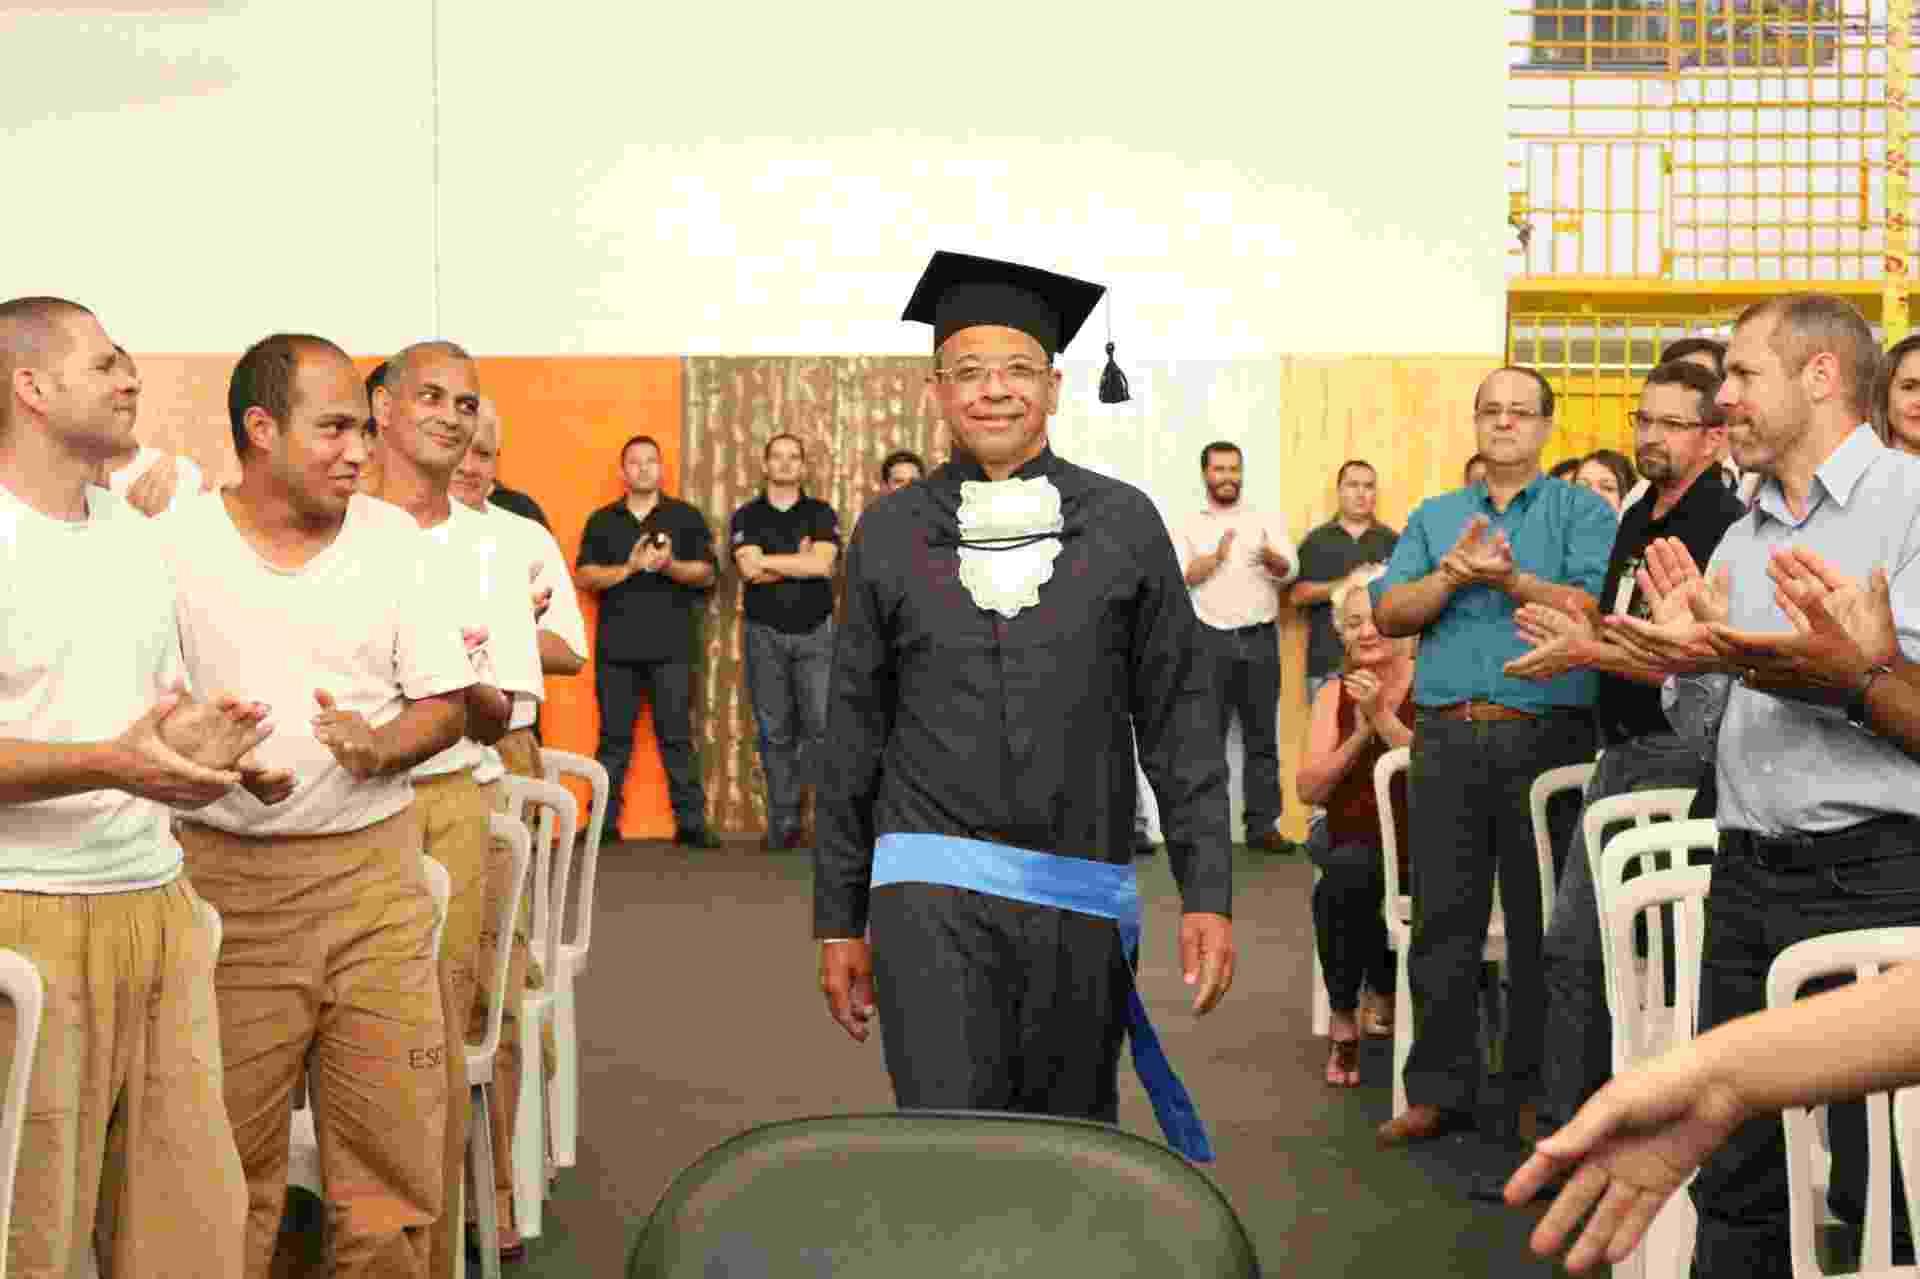 Preso Venilton Leonardo Vinci em Serra Azul é o primeiro de SP a obter ensino superior dentro da cadeia - Divulgação/ Claretiano